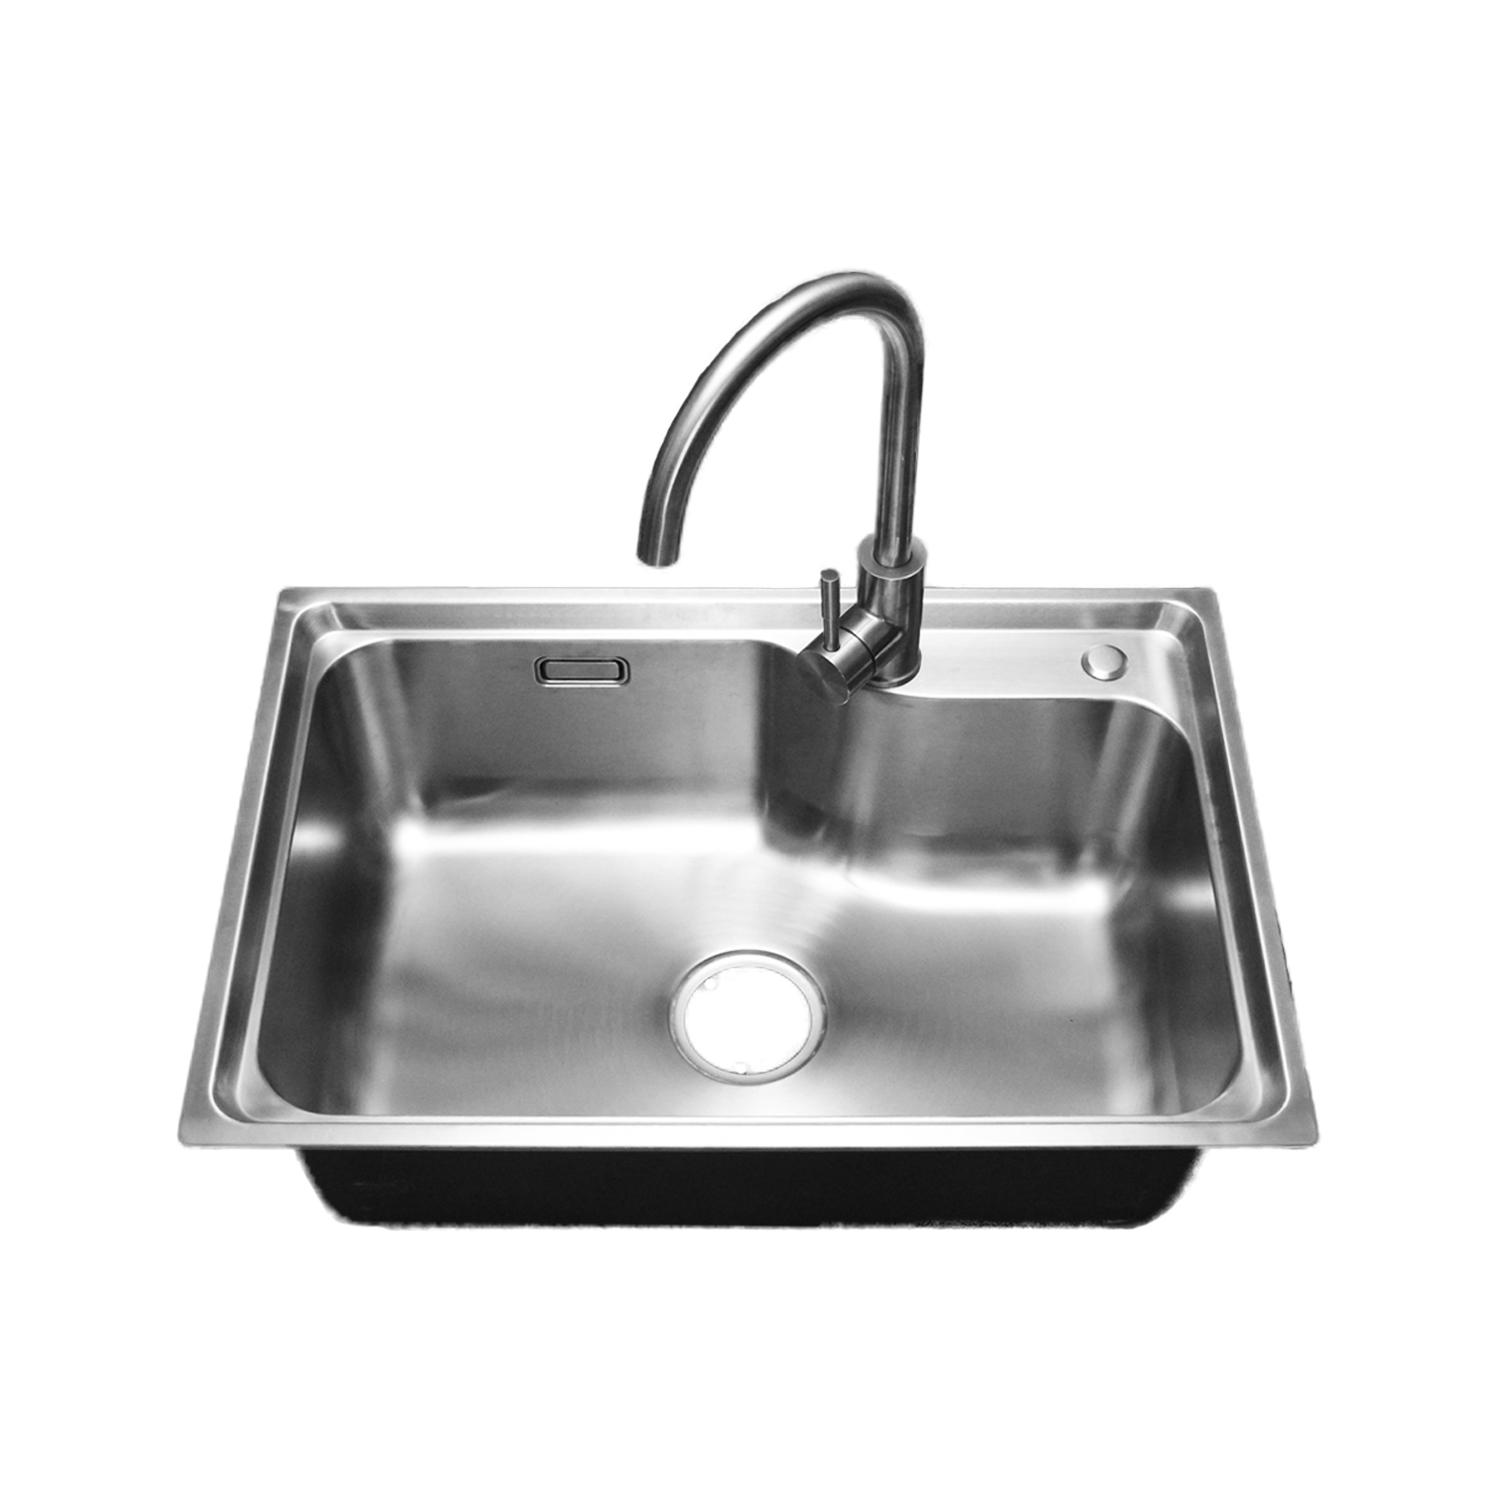 一体成型引張りステンレスの厚さ304水槽家庭用台所の食器洗い場の蛇口で大きな皿を洗います。